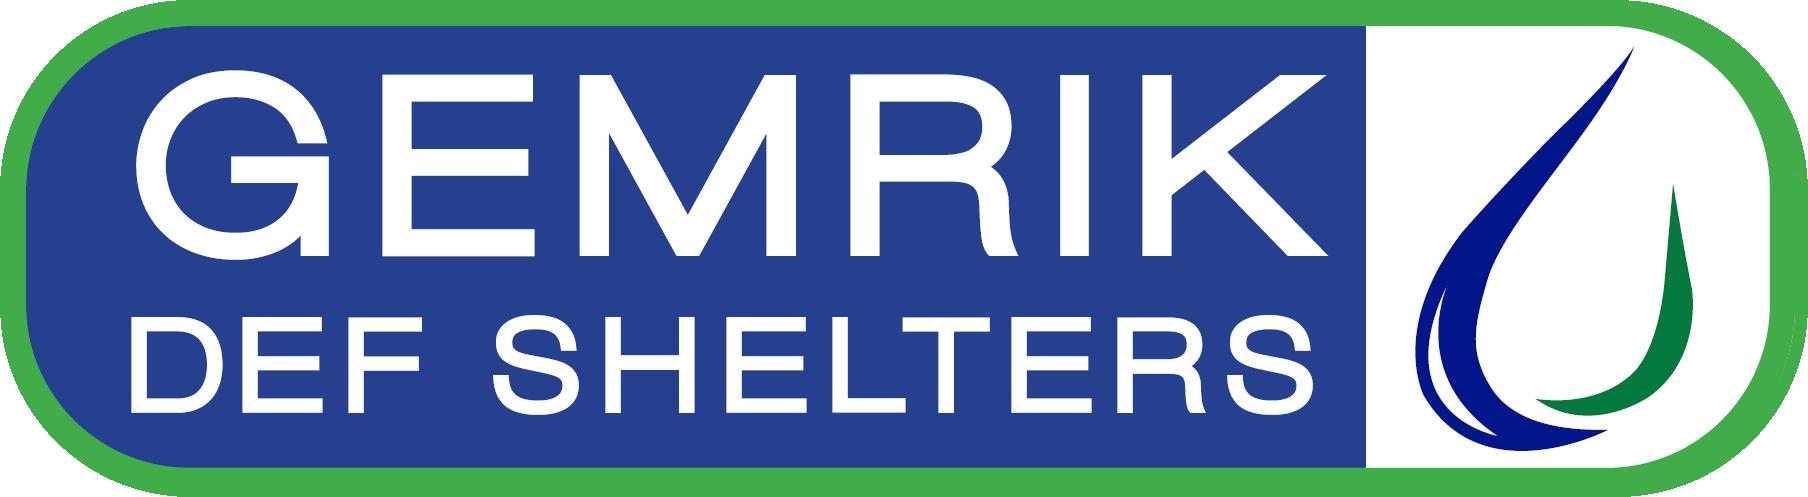 Gemrik DEF Shelters